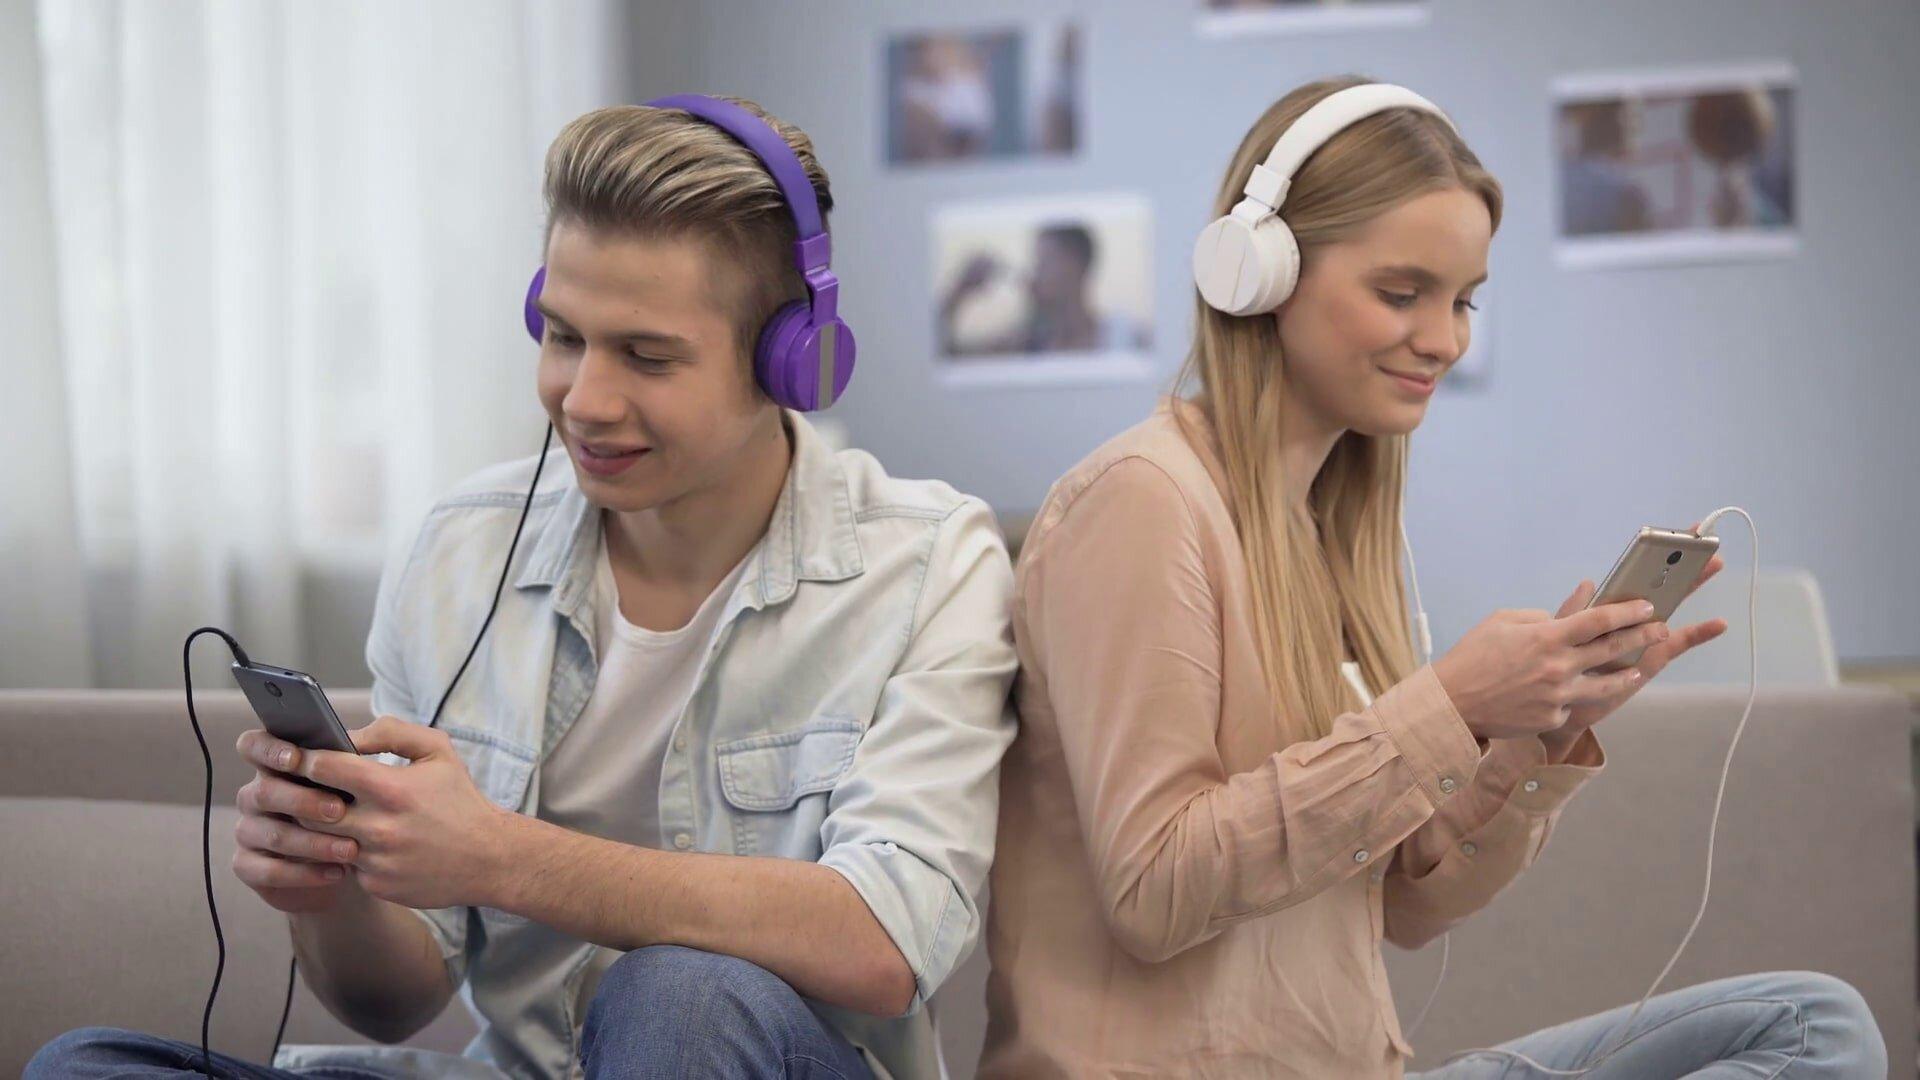 Đam mê âm nhạc là sở thích của tất cả mọi người